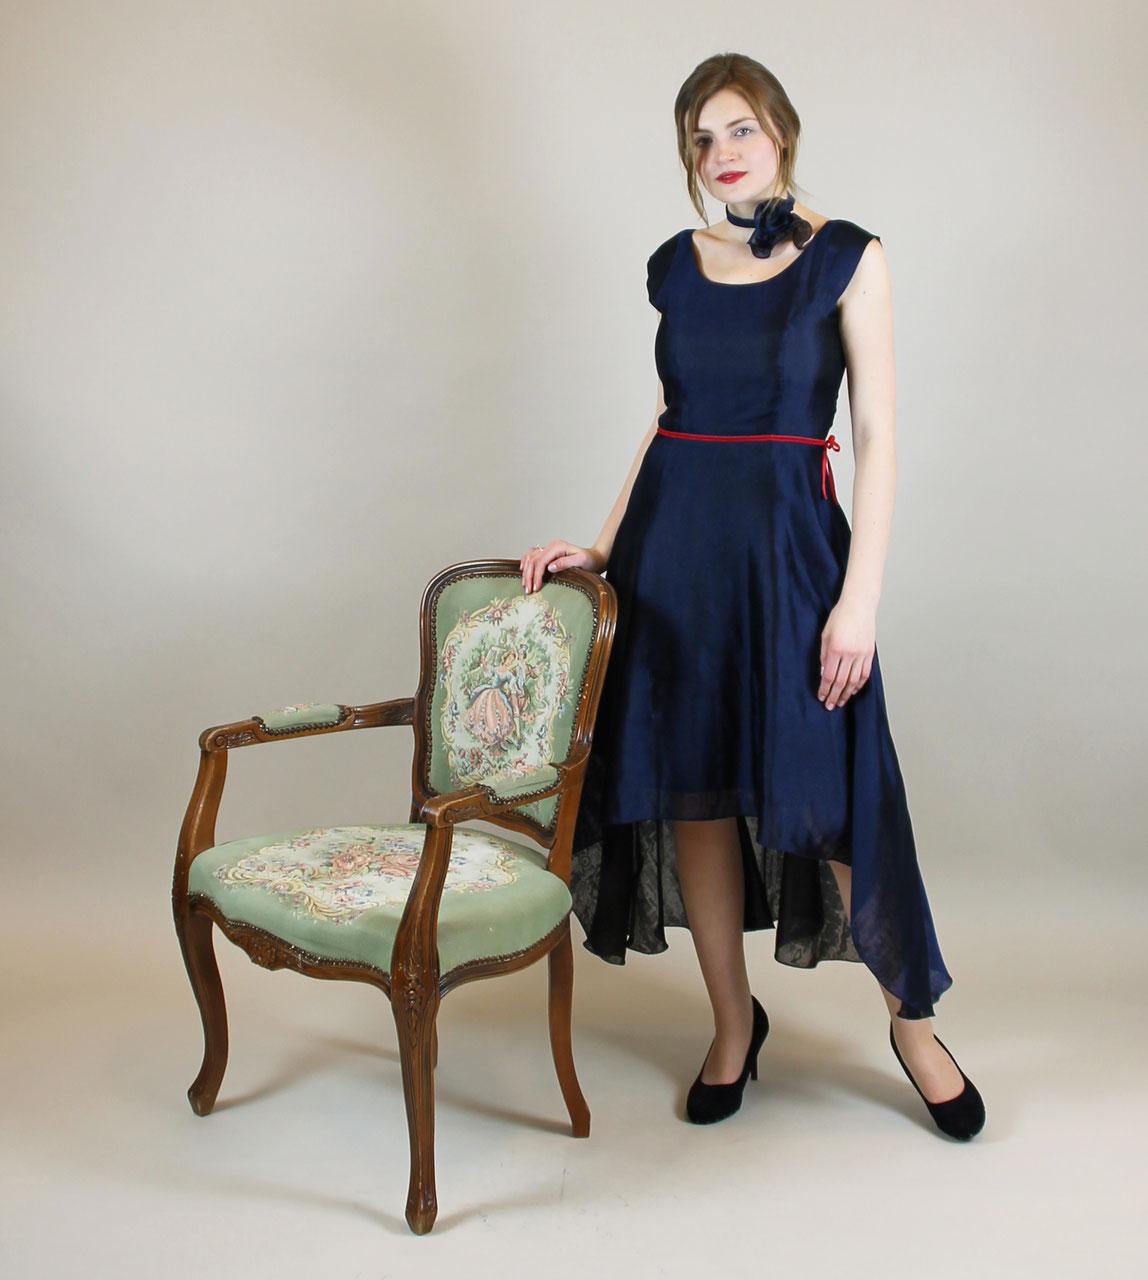 abendkleider - kurze brautkleider schöne hochzeitskleider